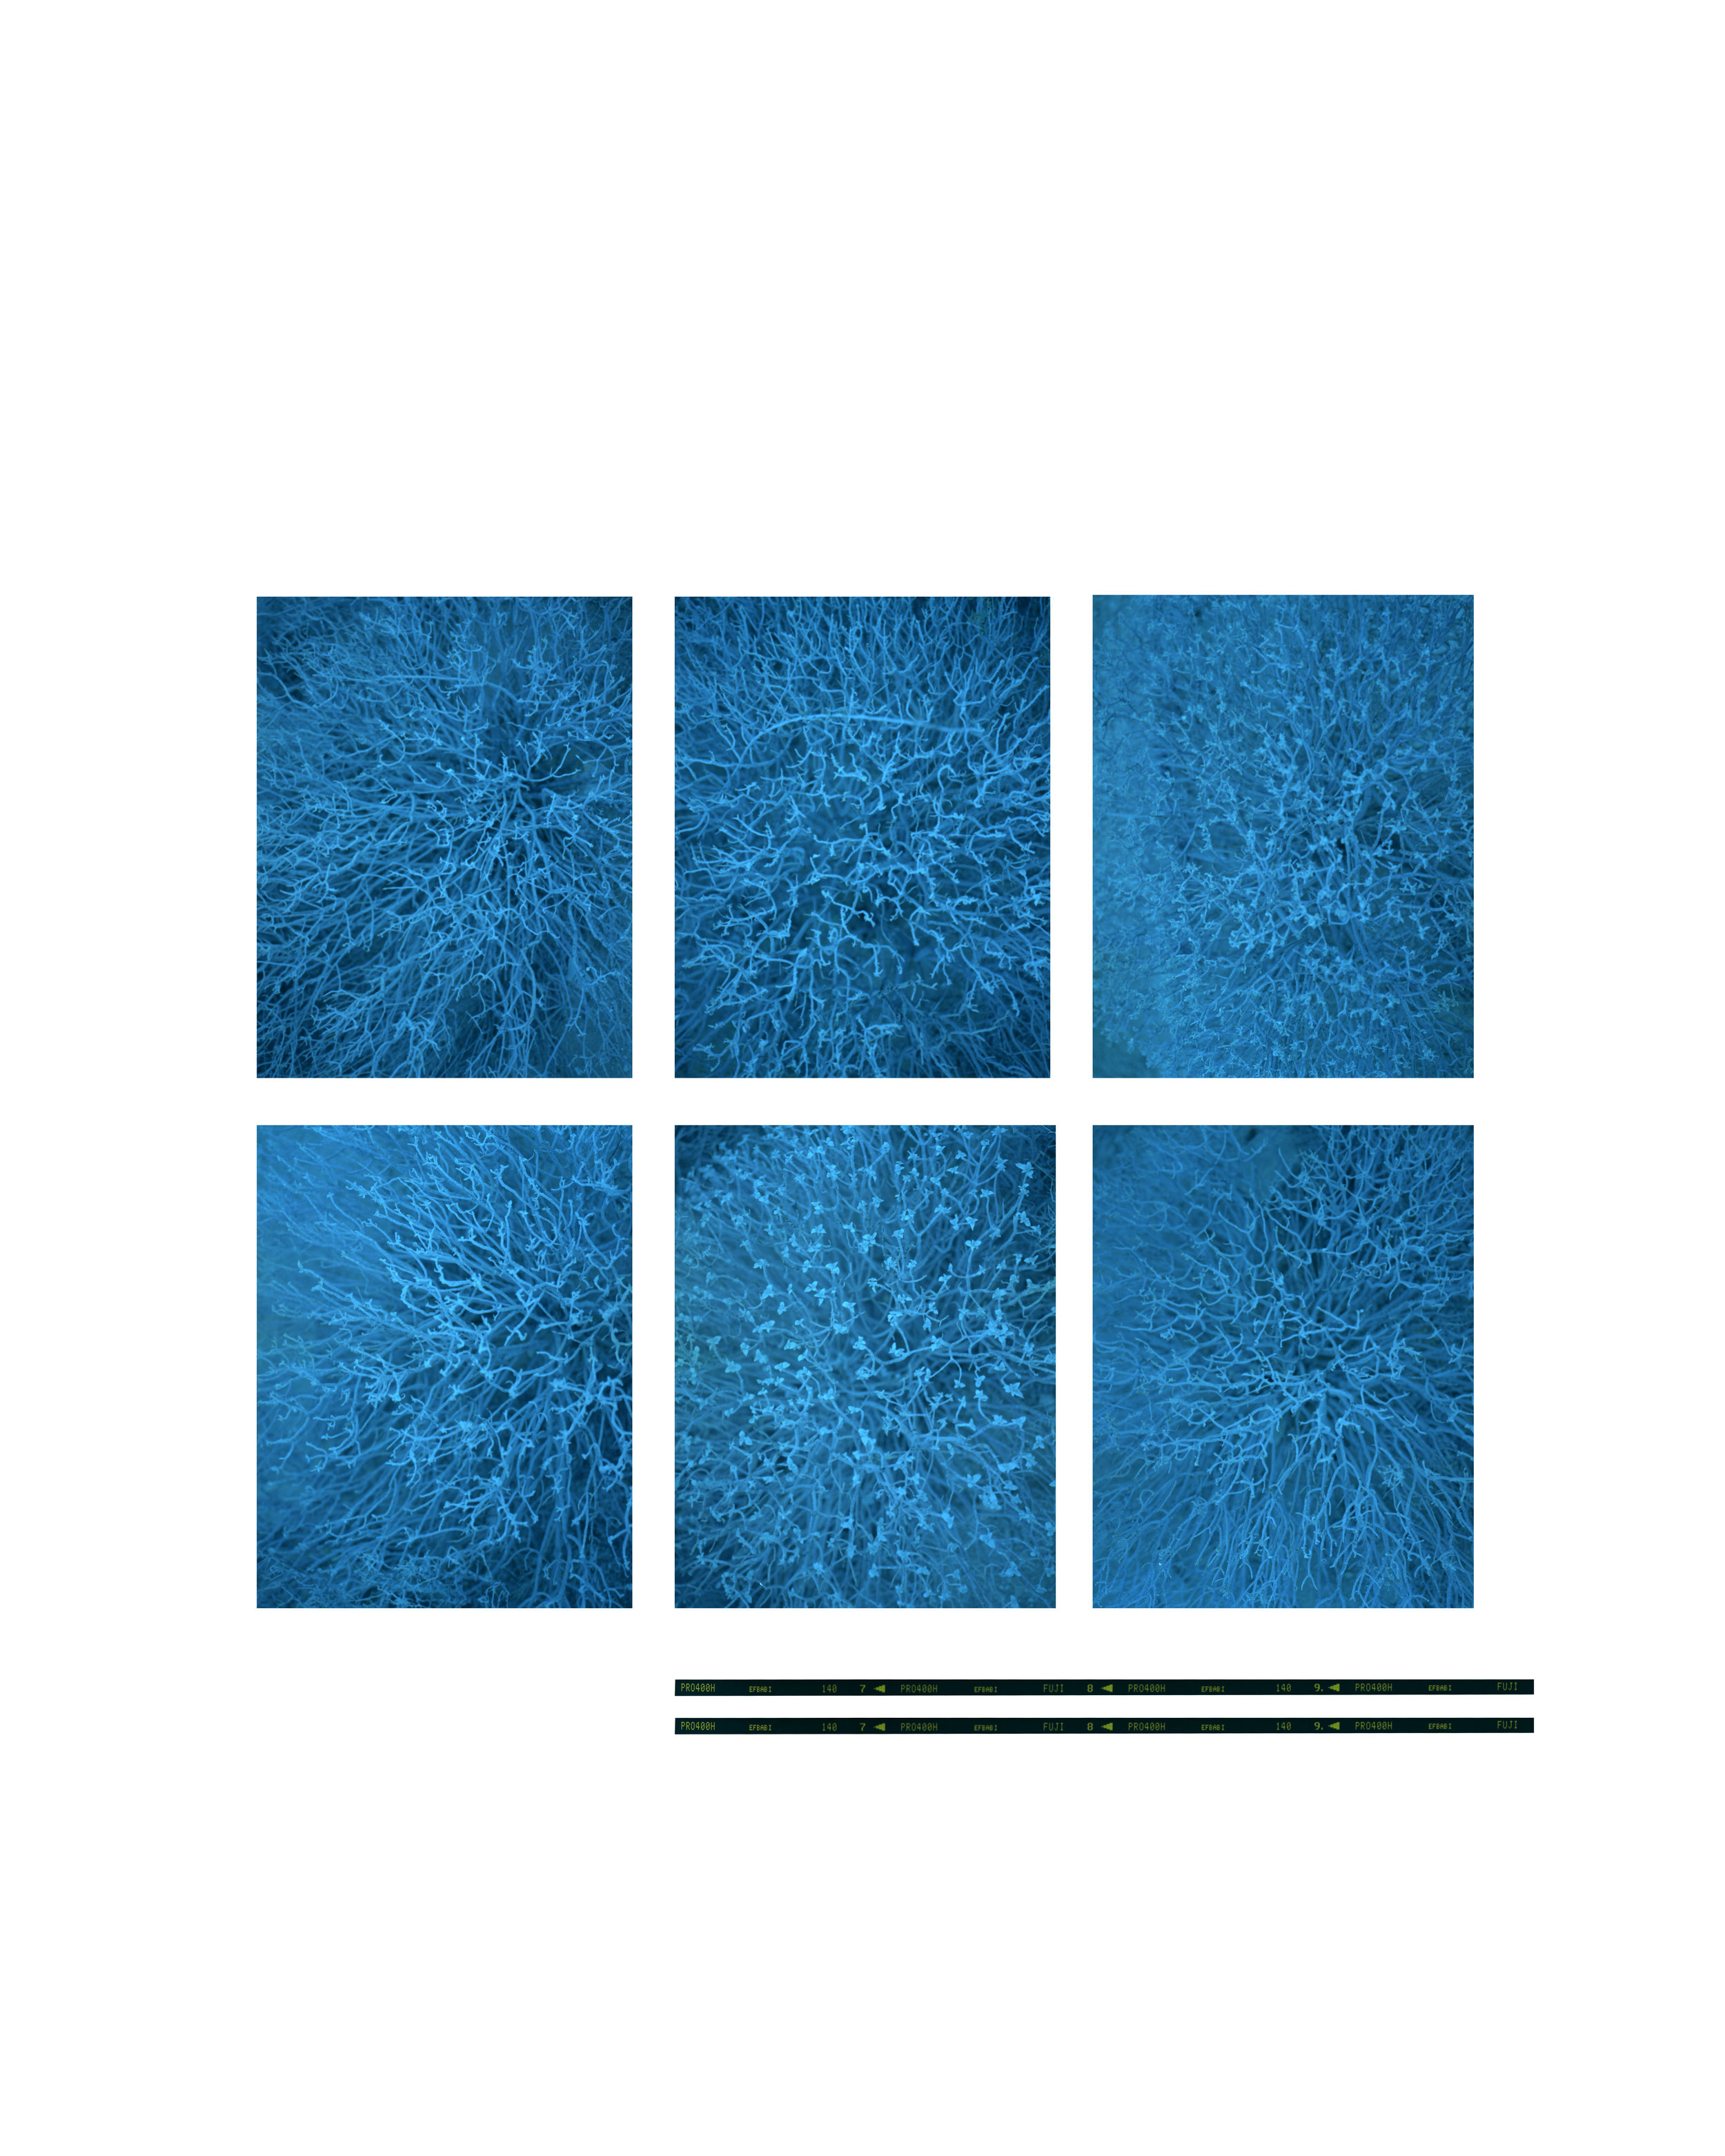 cyanotypePS.jpg